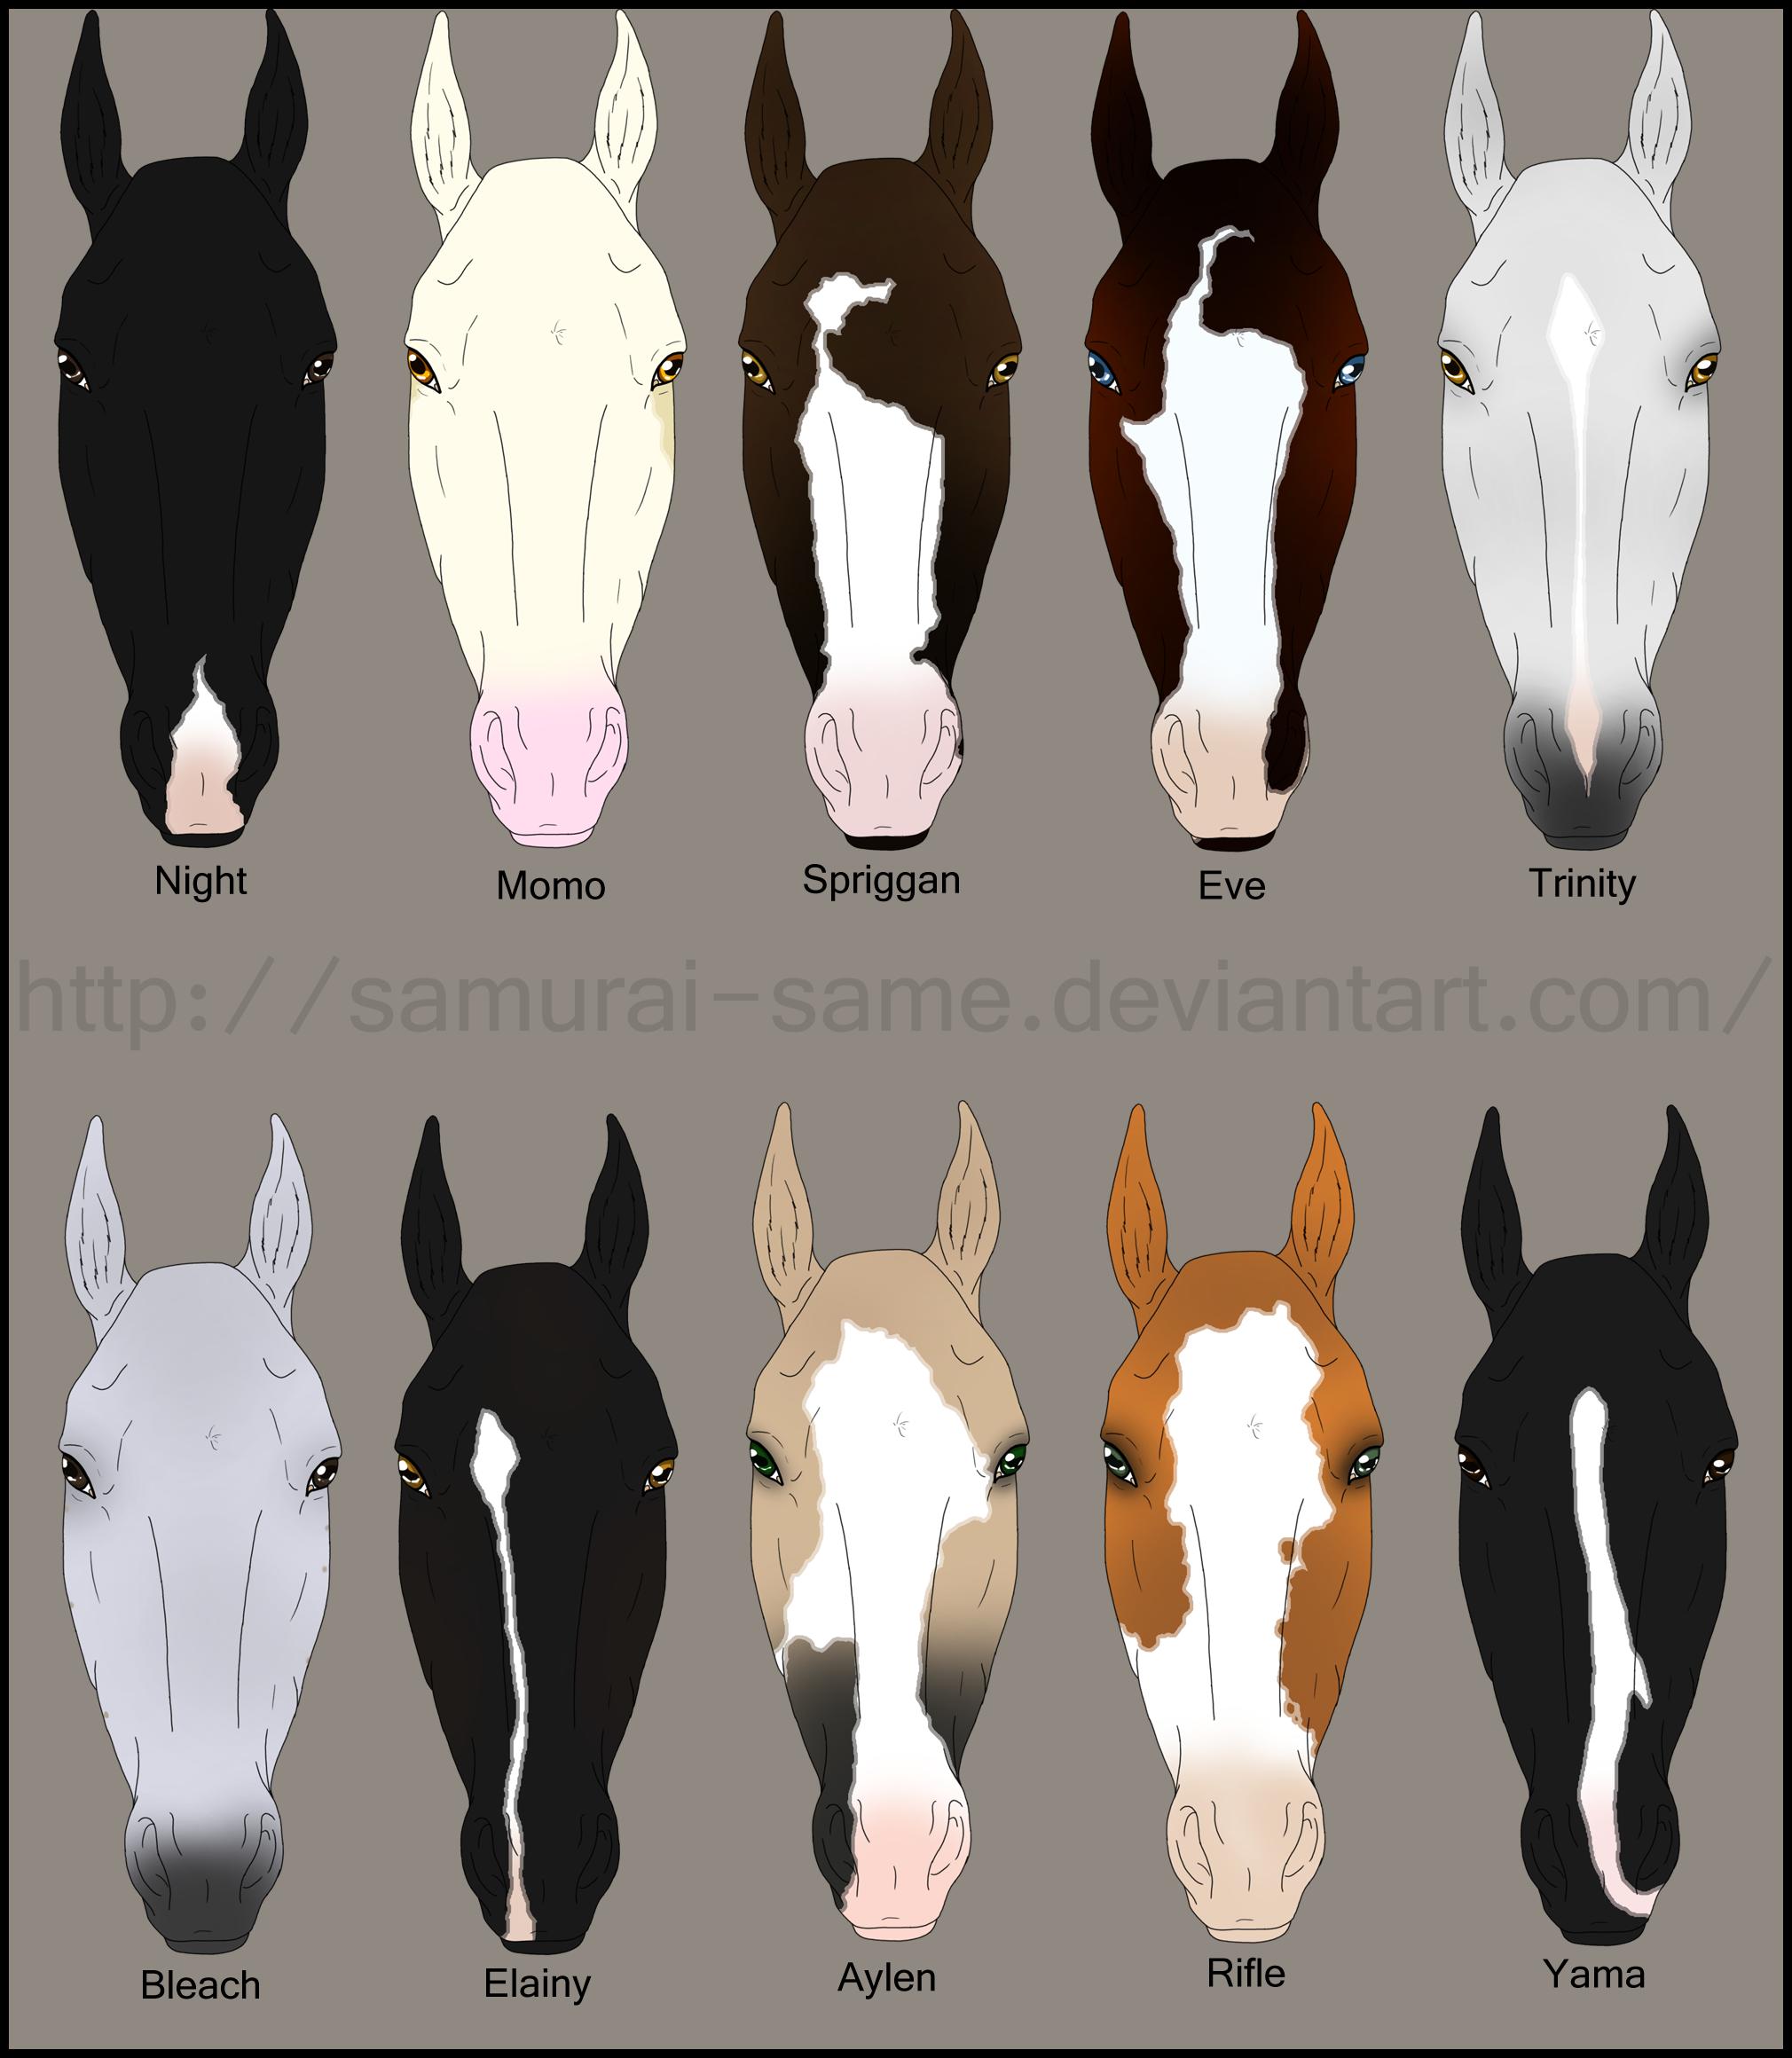 Hose reccomend Equine facial marking